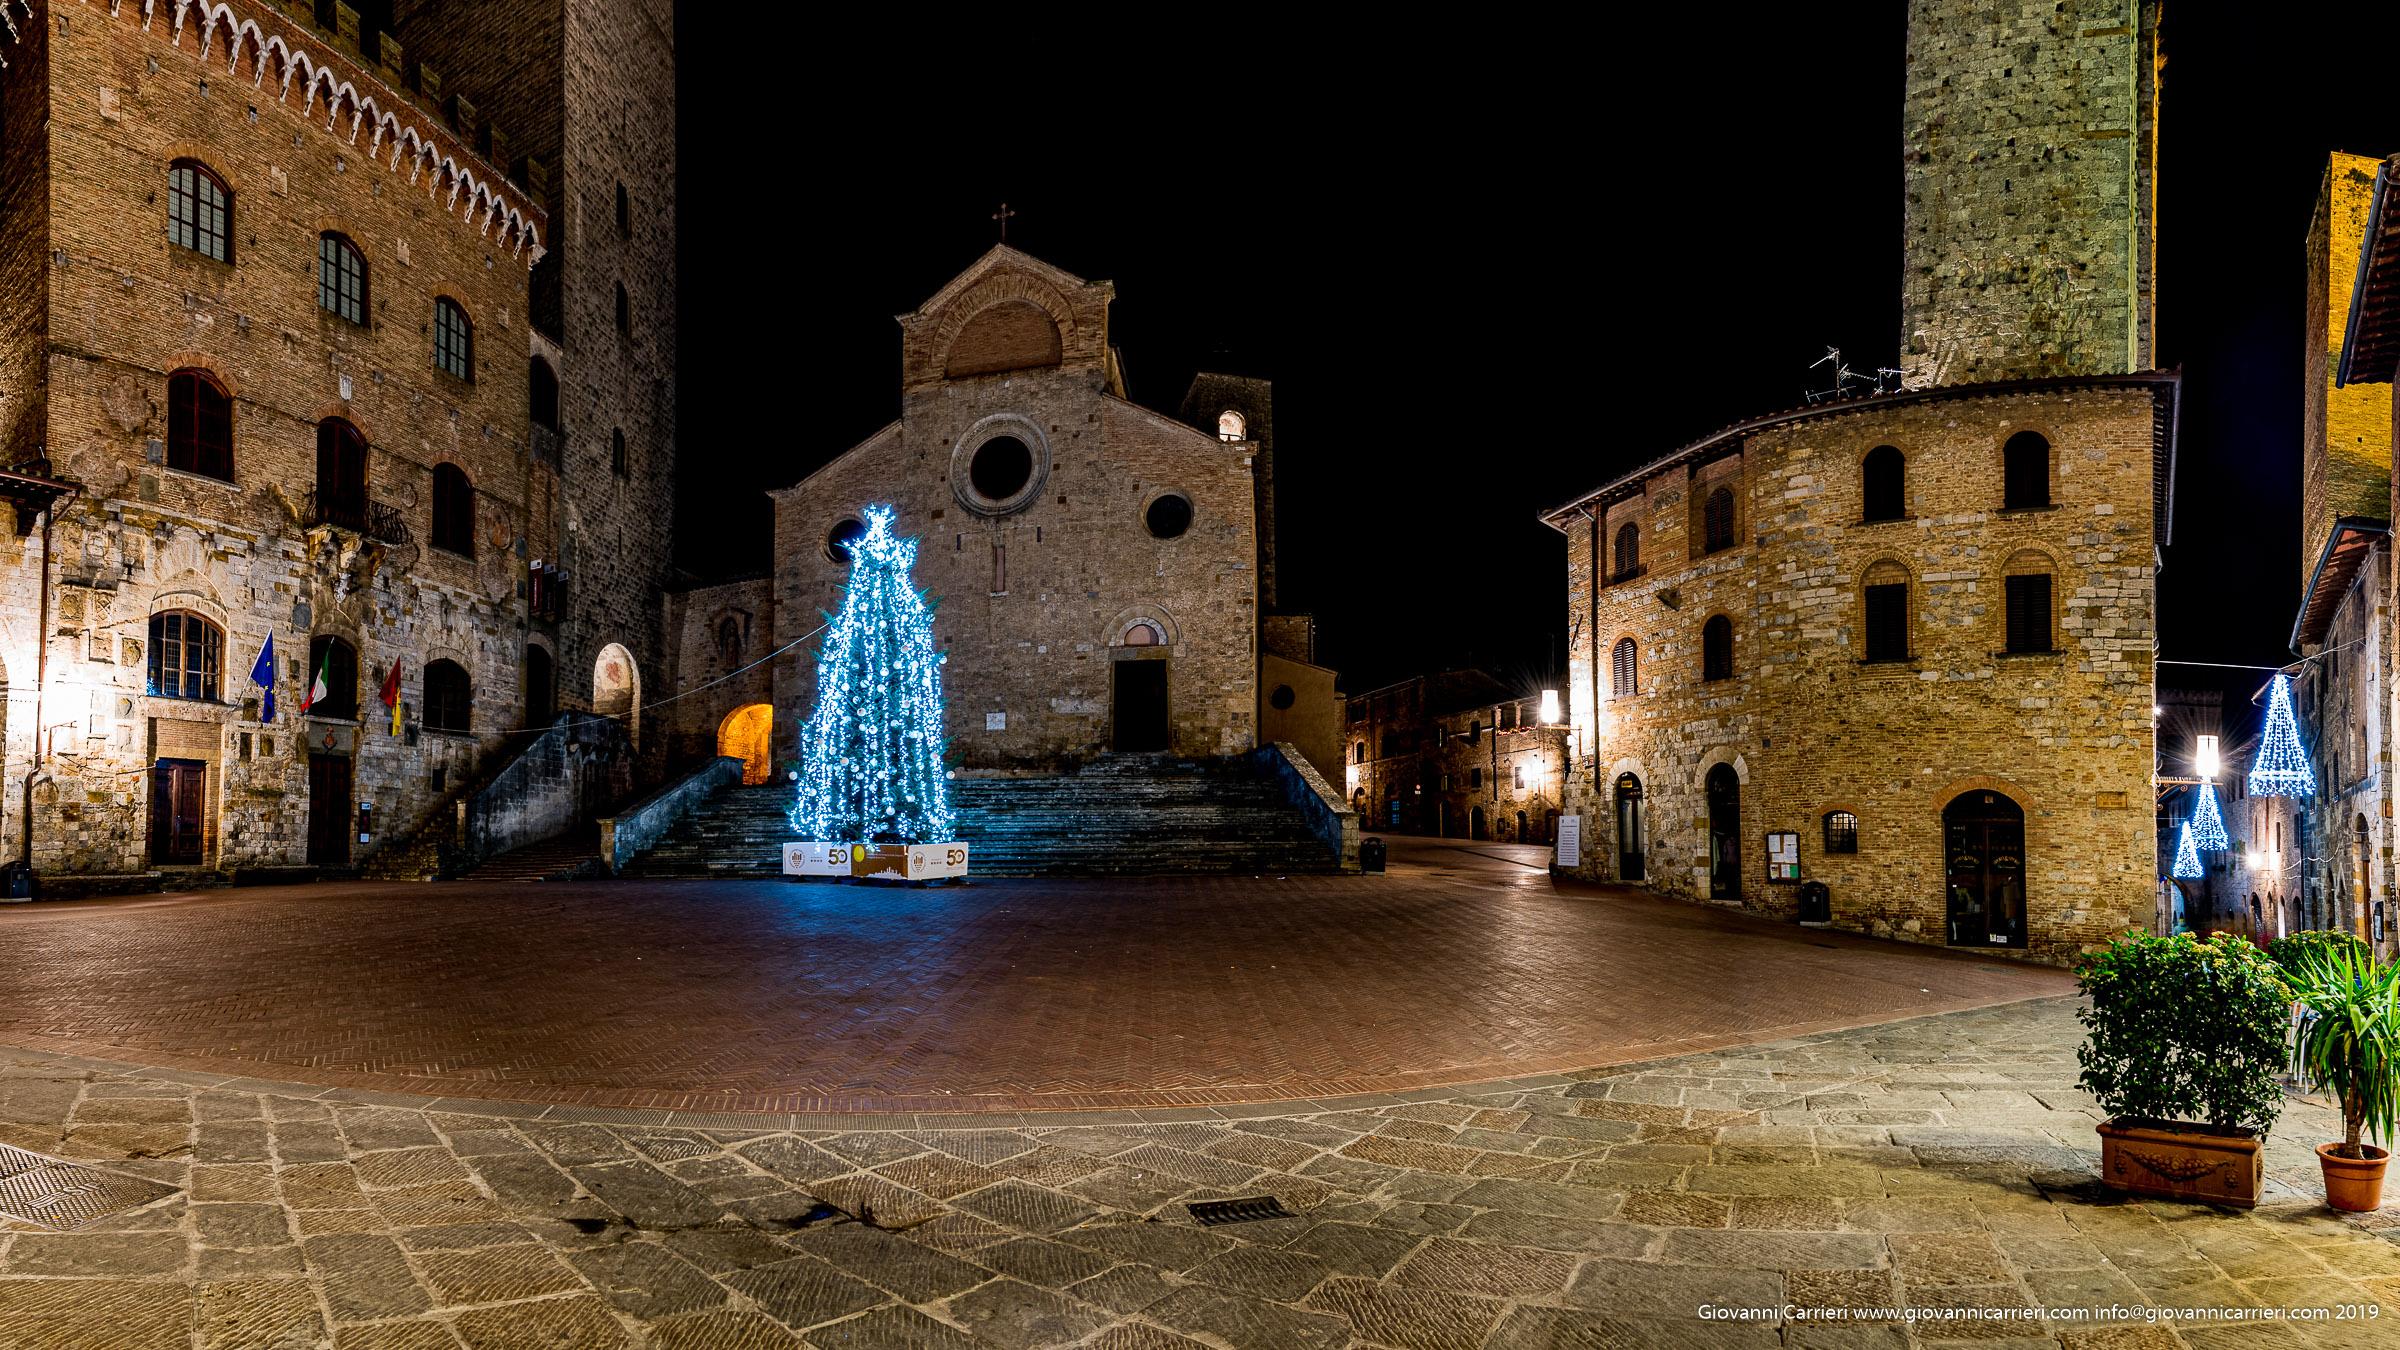 Piazza duomo di San Gimignano